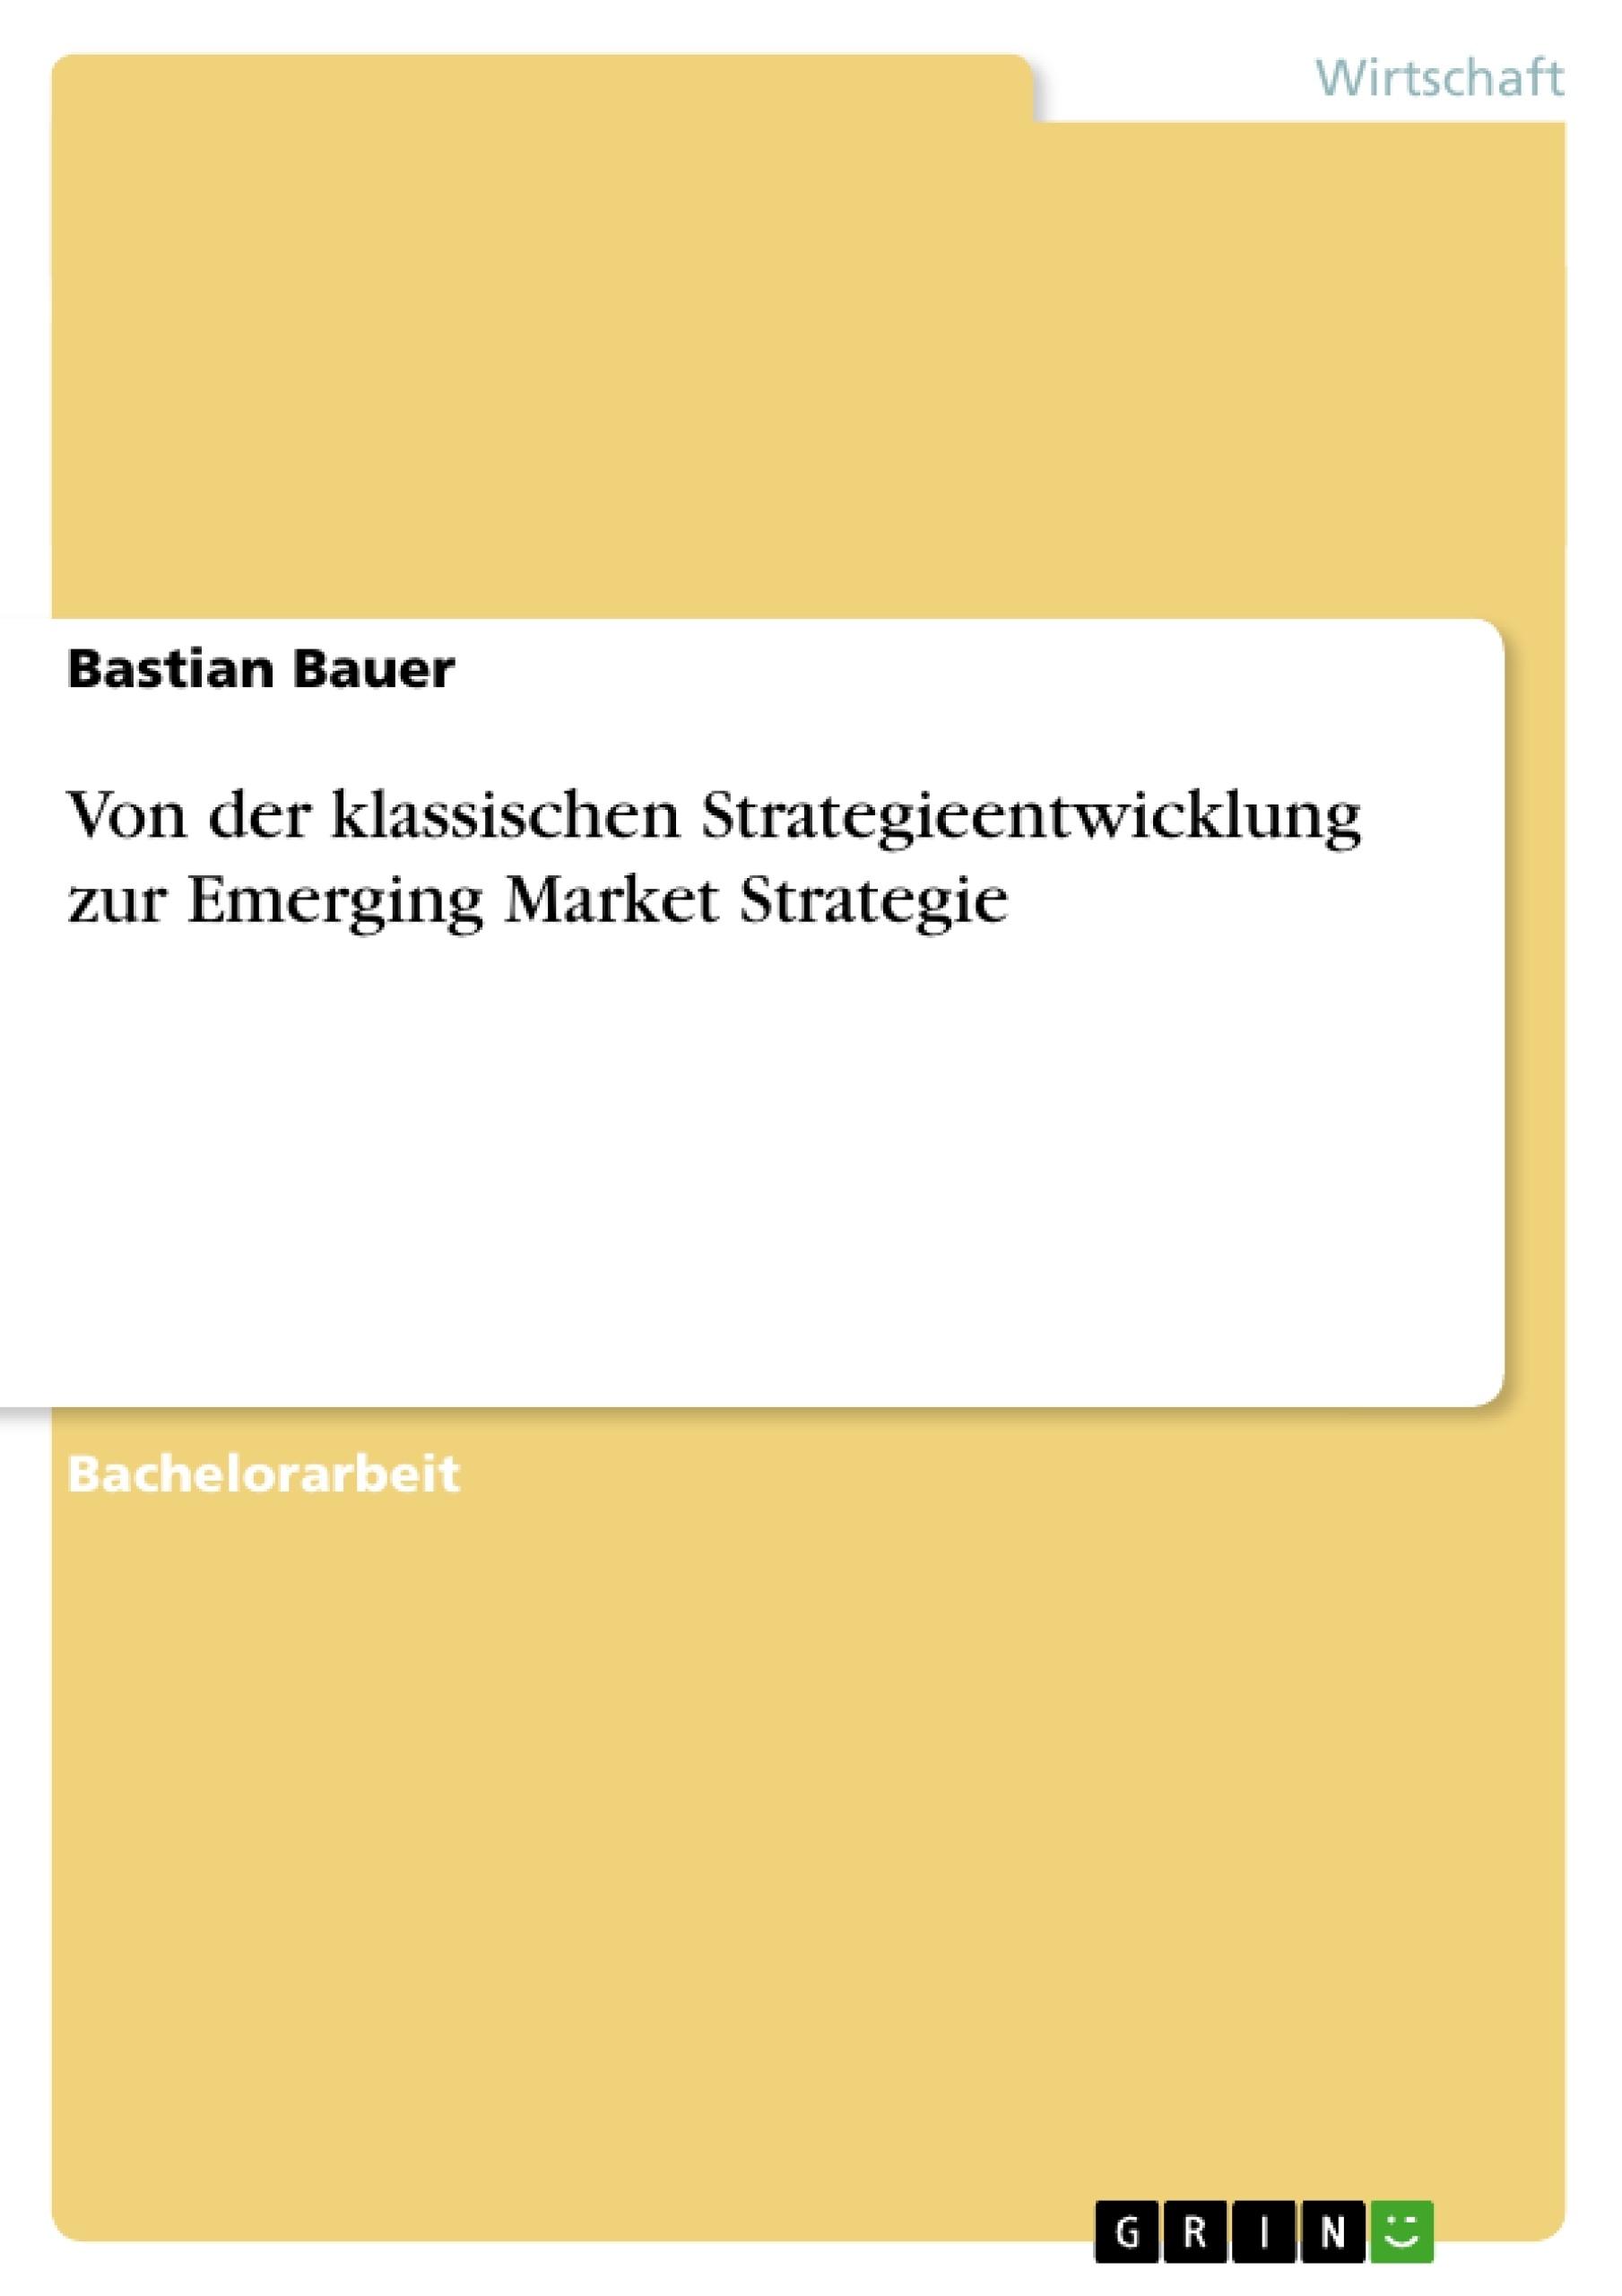 Titel: Von der klassischen Strategieentwicklung zur Emerging Market Strategie